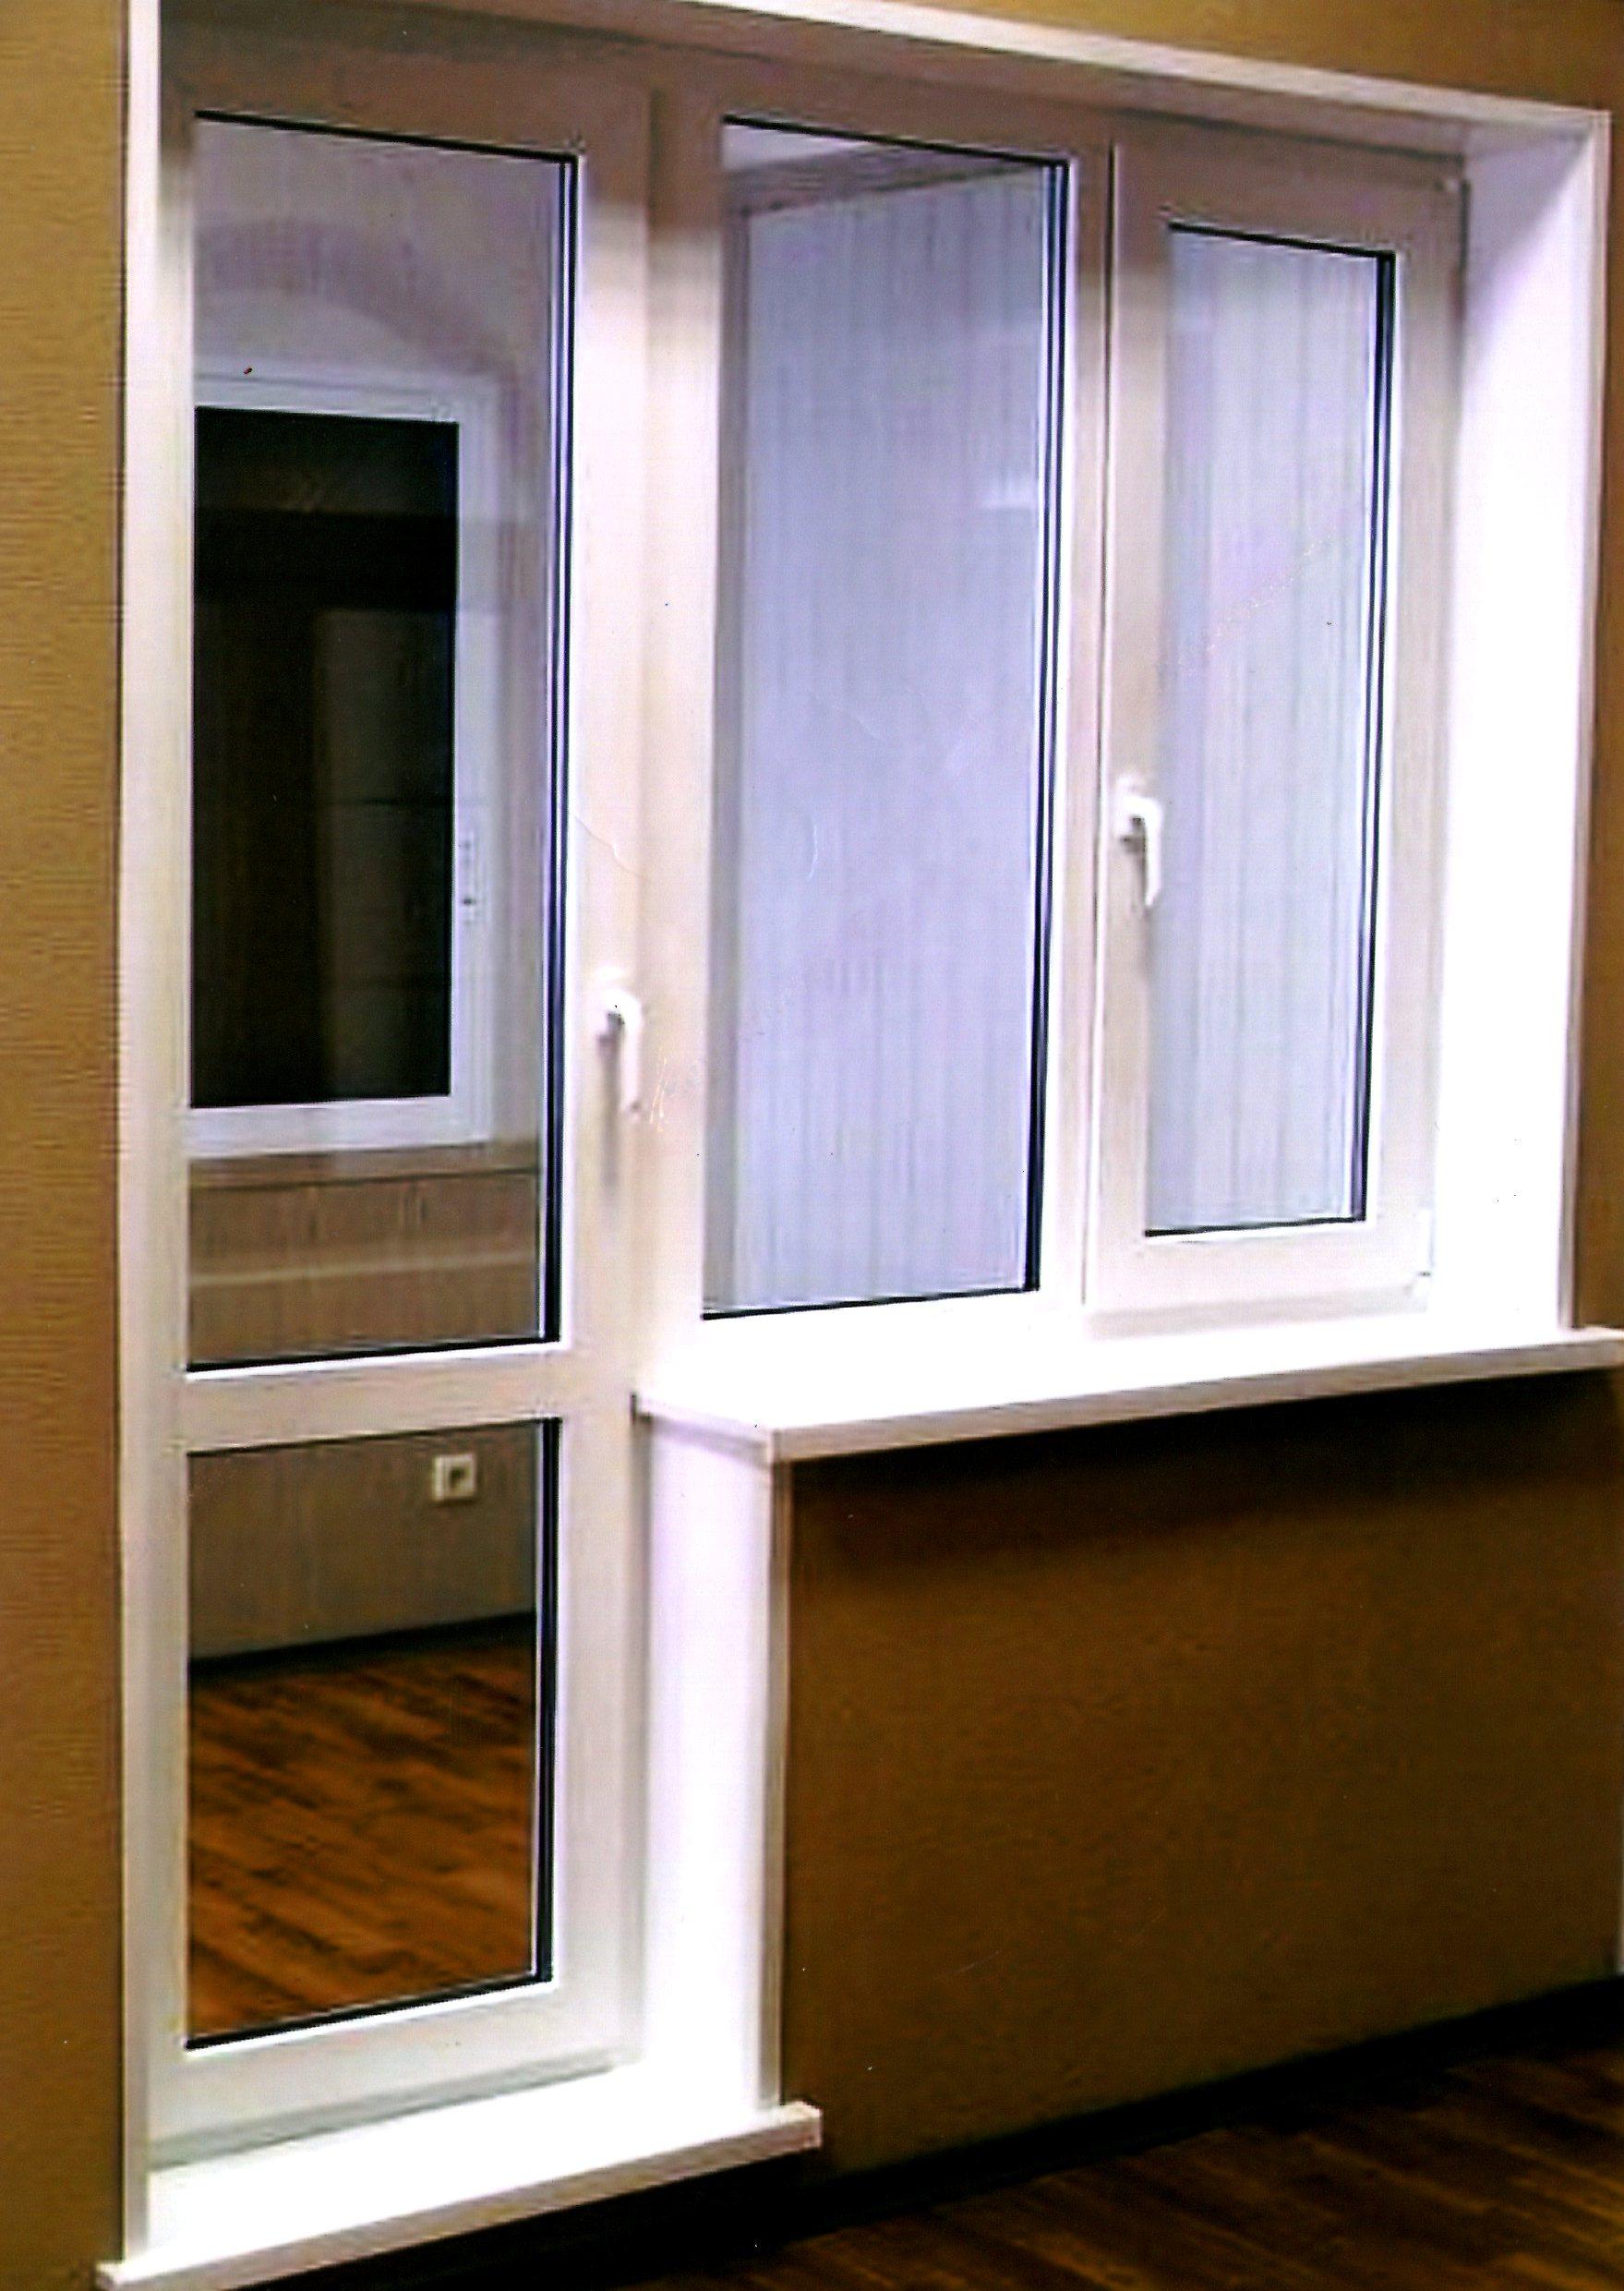 Балконные двери стар - красный ткач - уралокно.